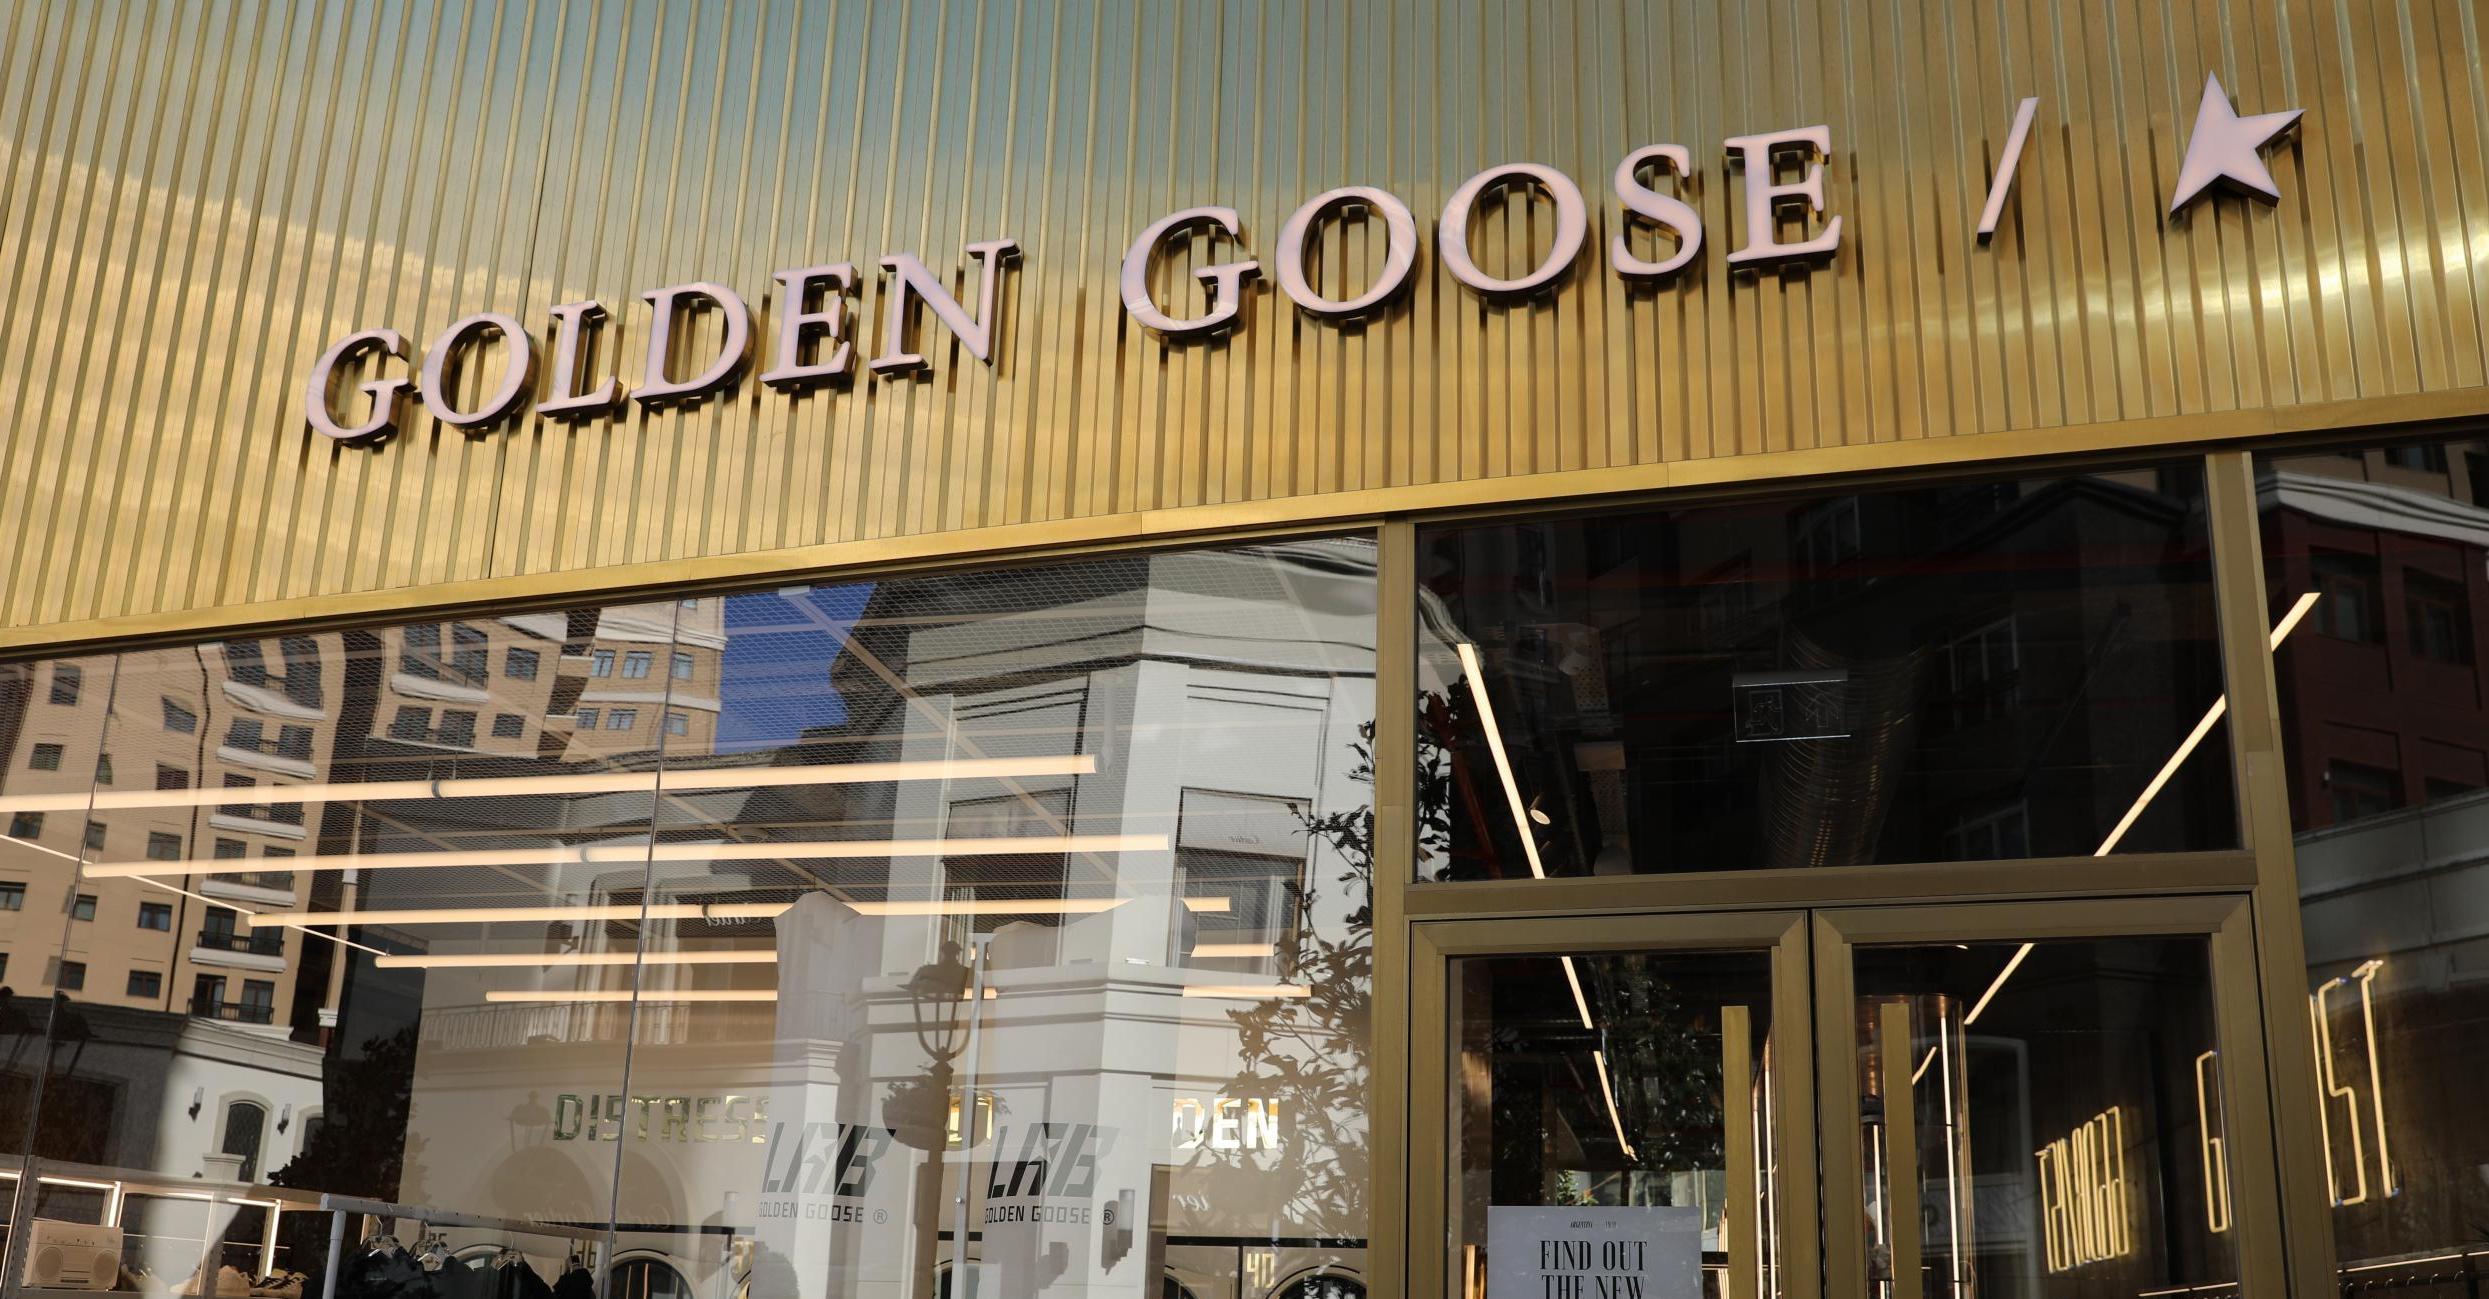 GOLDEN GOOSE'UN TÜRKİYE'DEKİ İLK MAĞAZASI EMAAR SQUARE MALL'DA AÇILDI